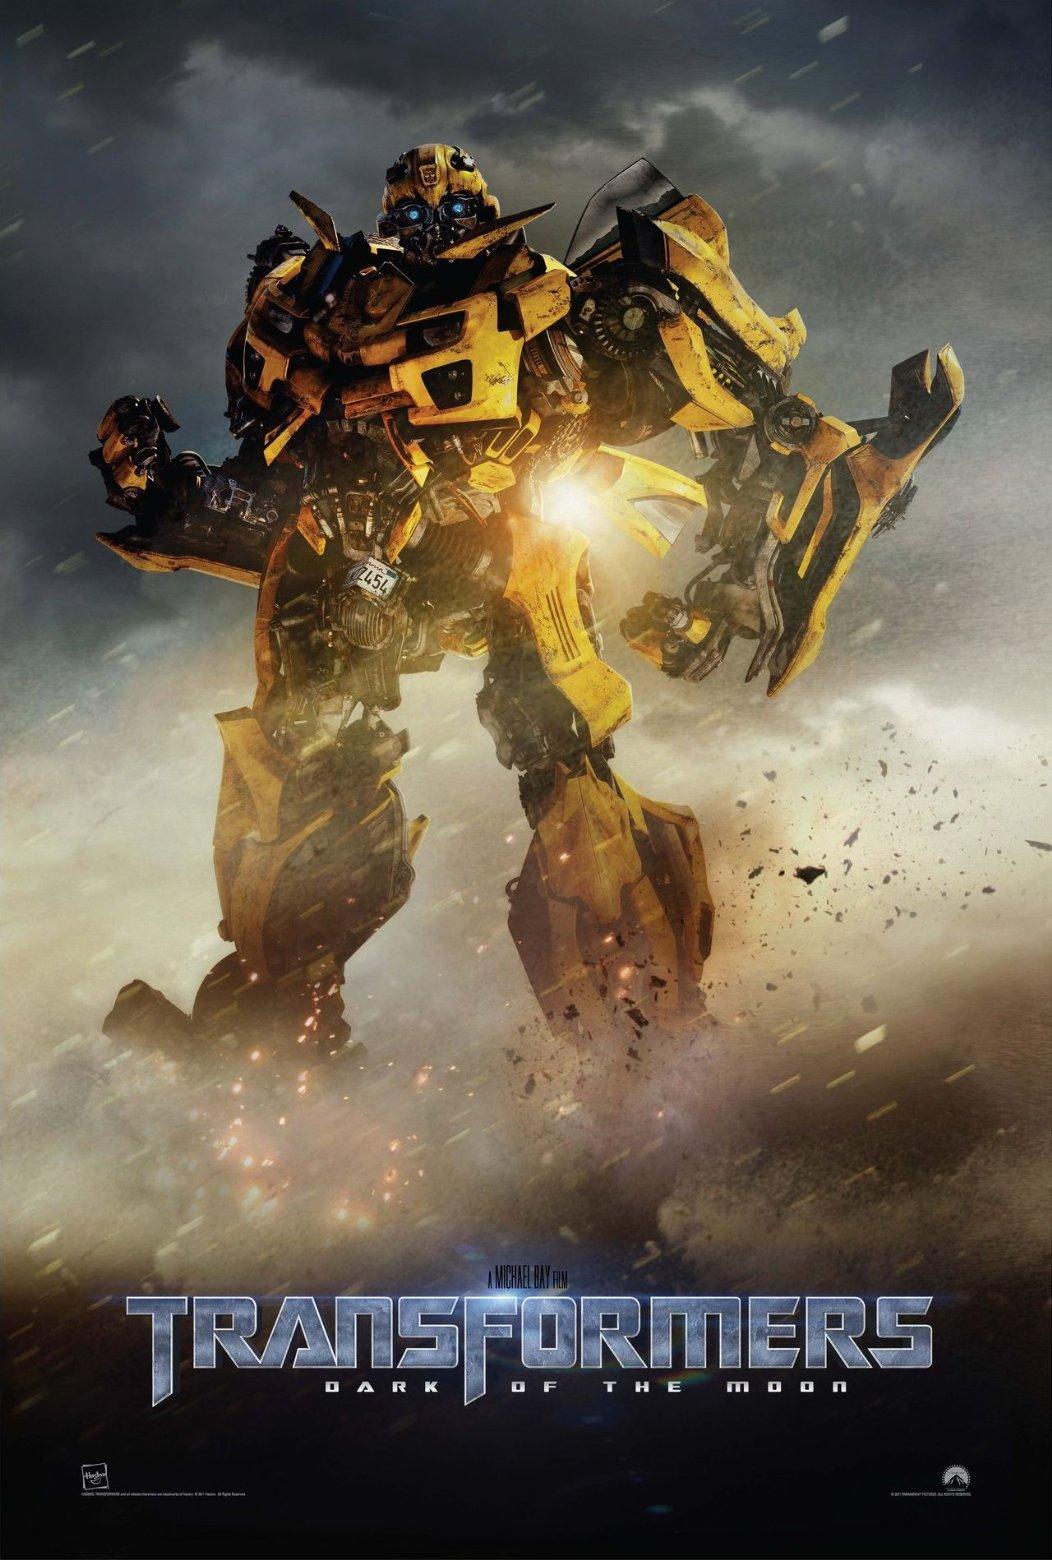 http://3.bp.blogspot.com/-WjH6m3ZeCDU/Tdnh5Tk_55I/AAAAAAAAELg/bSKBUnoXK4c/s1600/Transformers3_Poster2.jpg